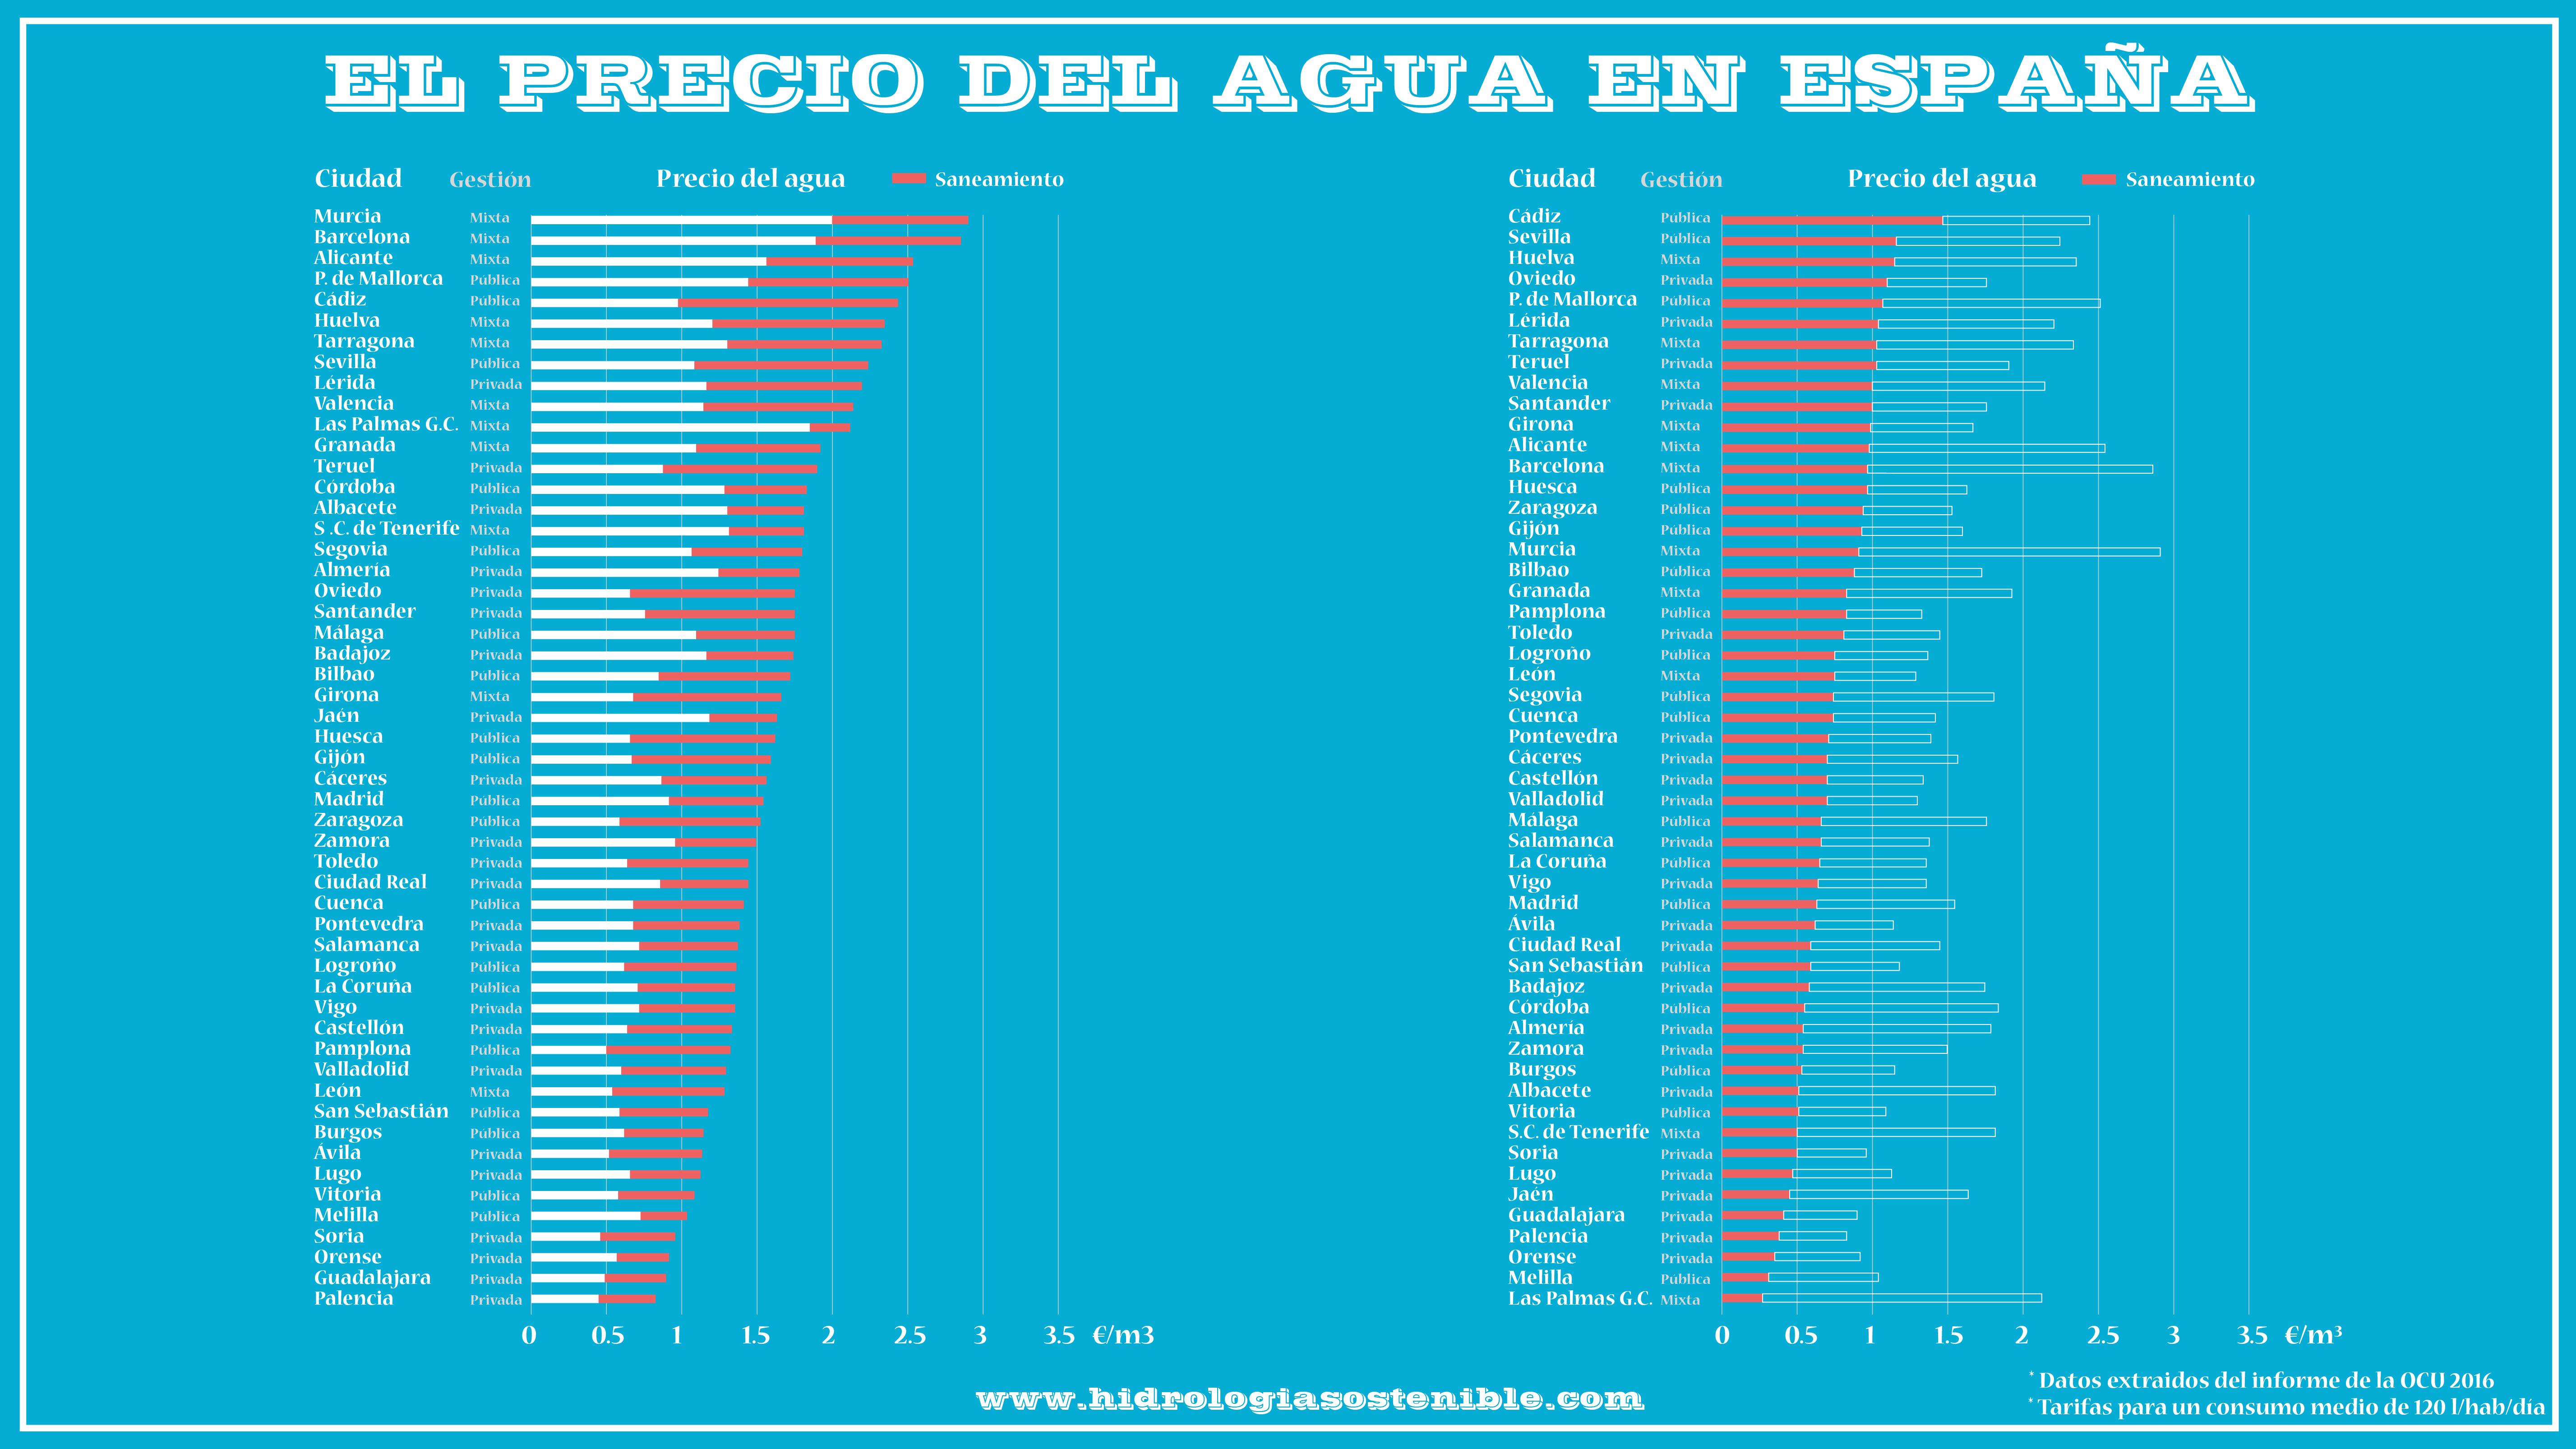 El precio del agua en las ciudades españolas 2016 [Infografía]